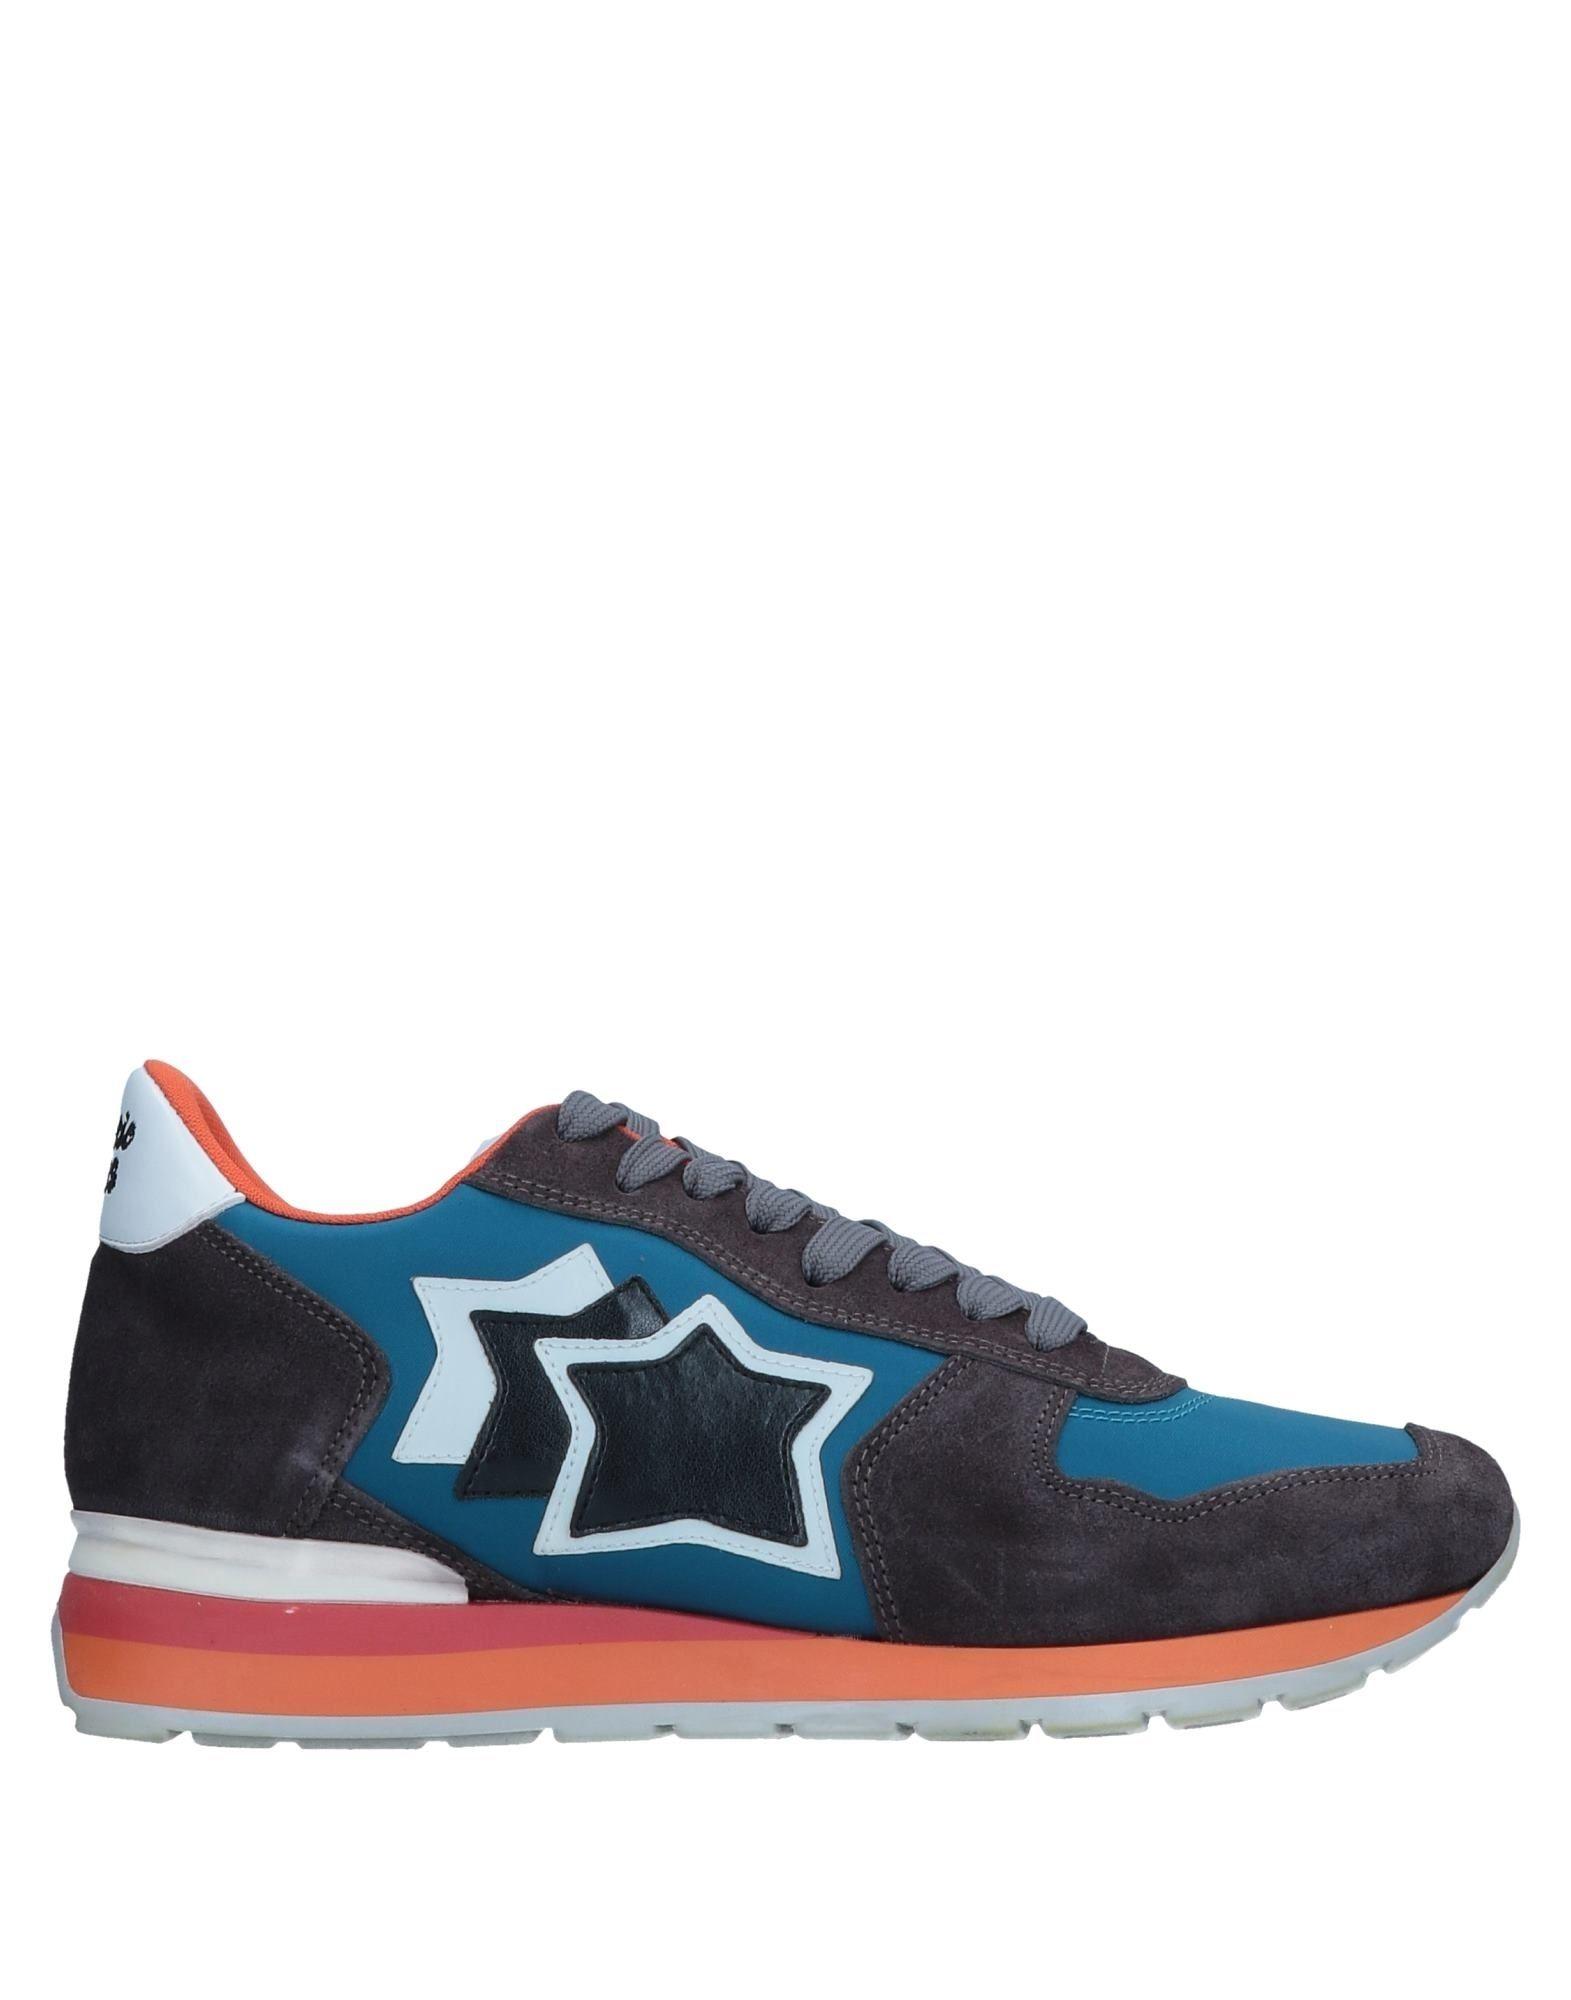 Sneakers Atlantic Stars Uomo - 11555896VF